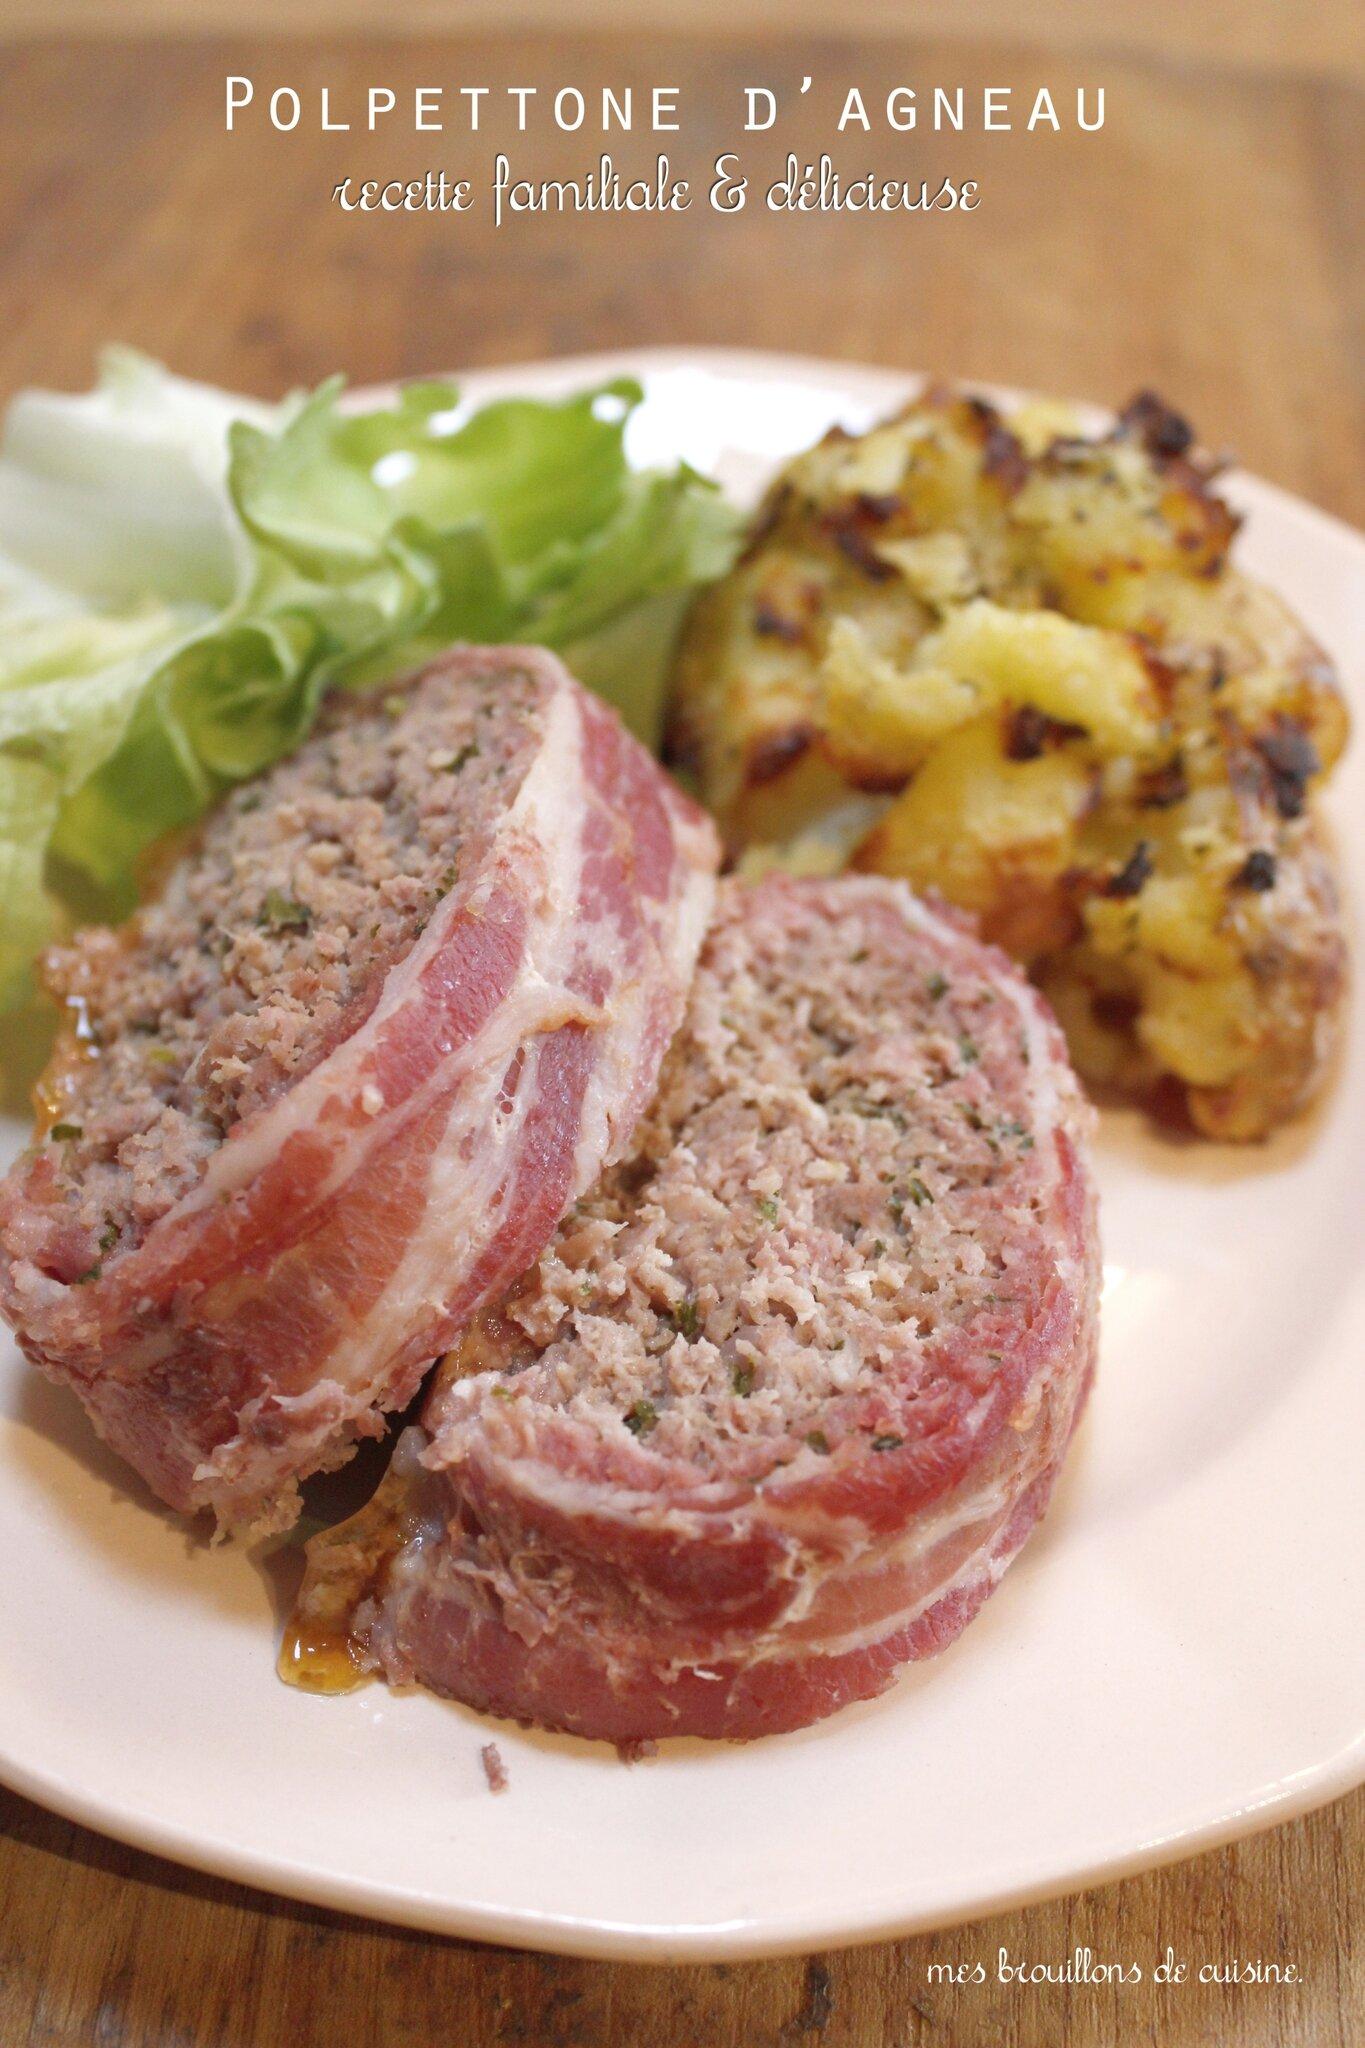 Pain de viande d agneau d edda polpettone mes for Viande cuisinee